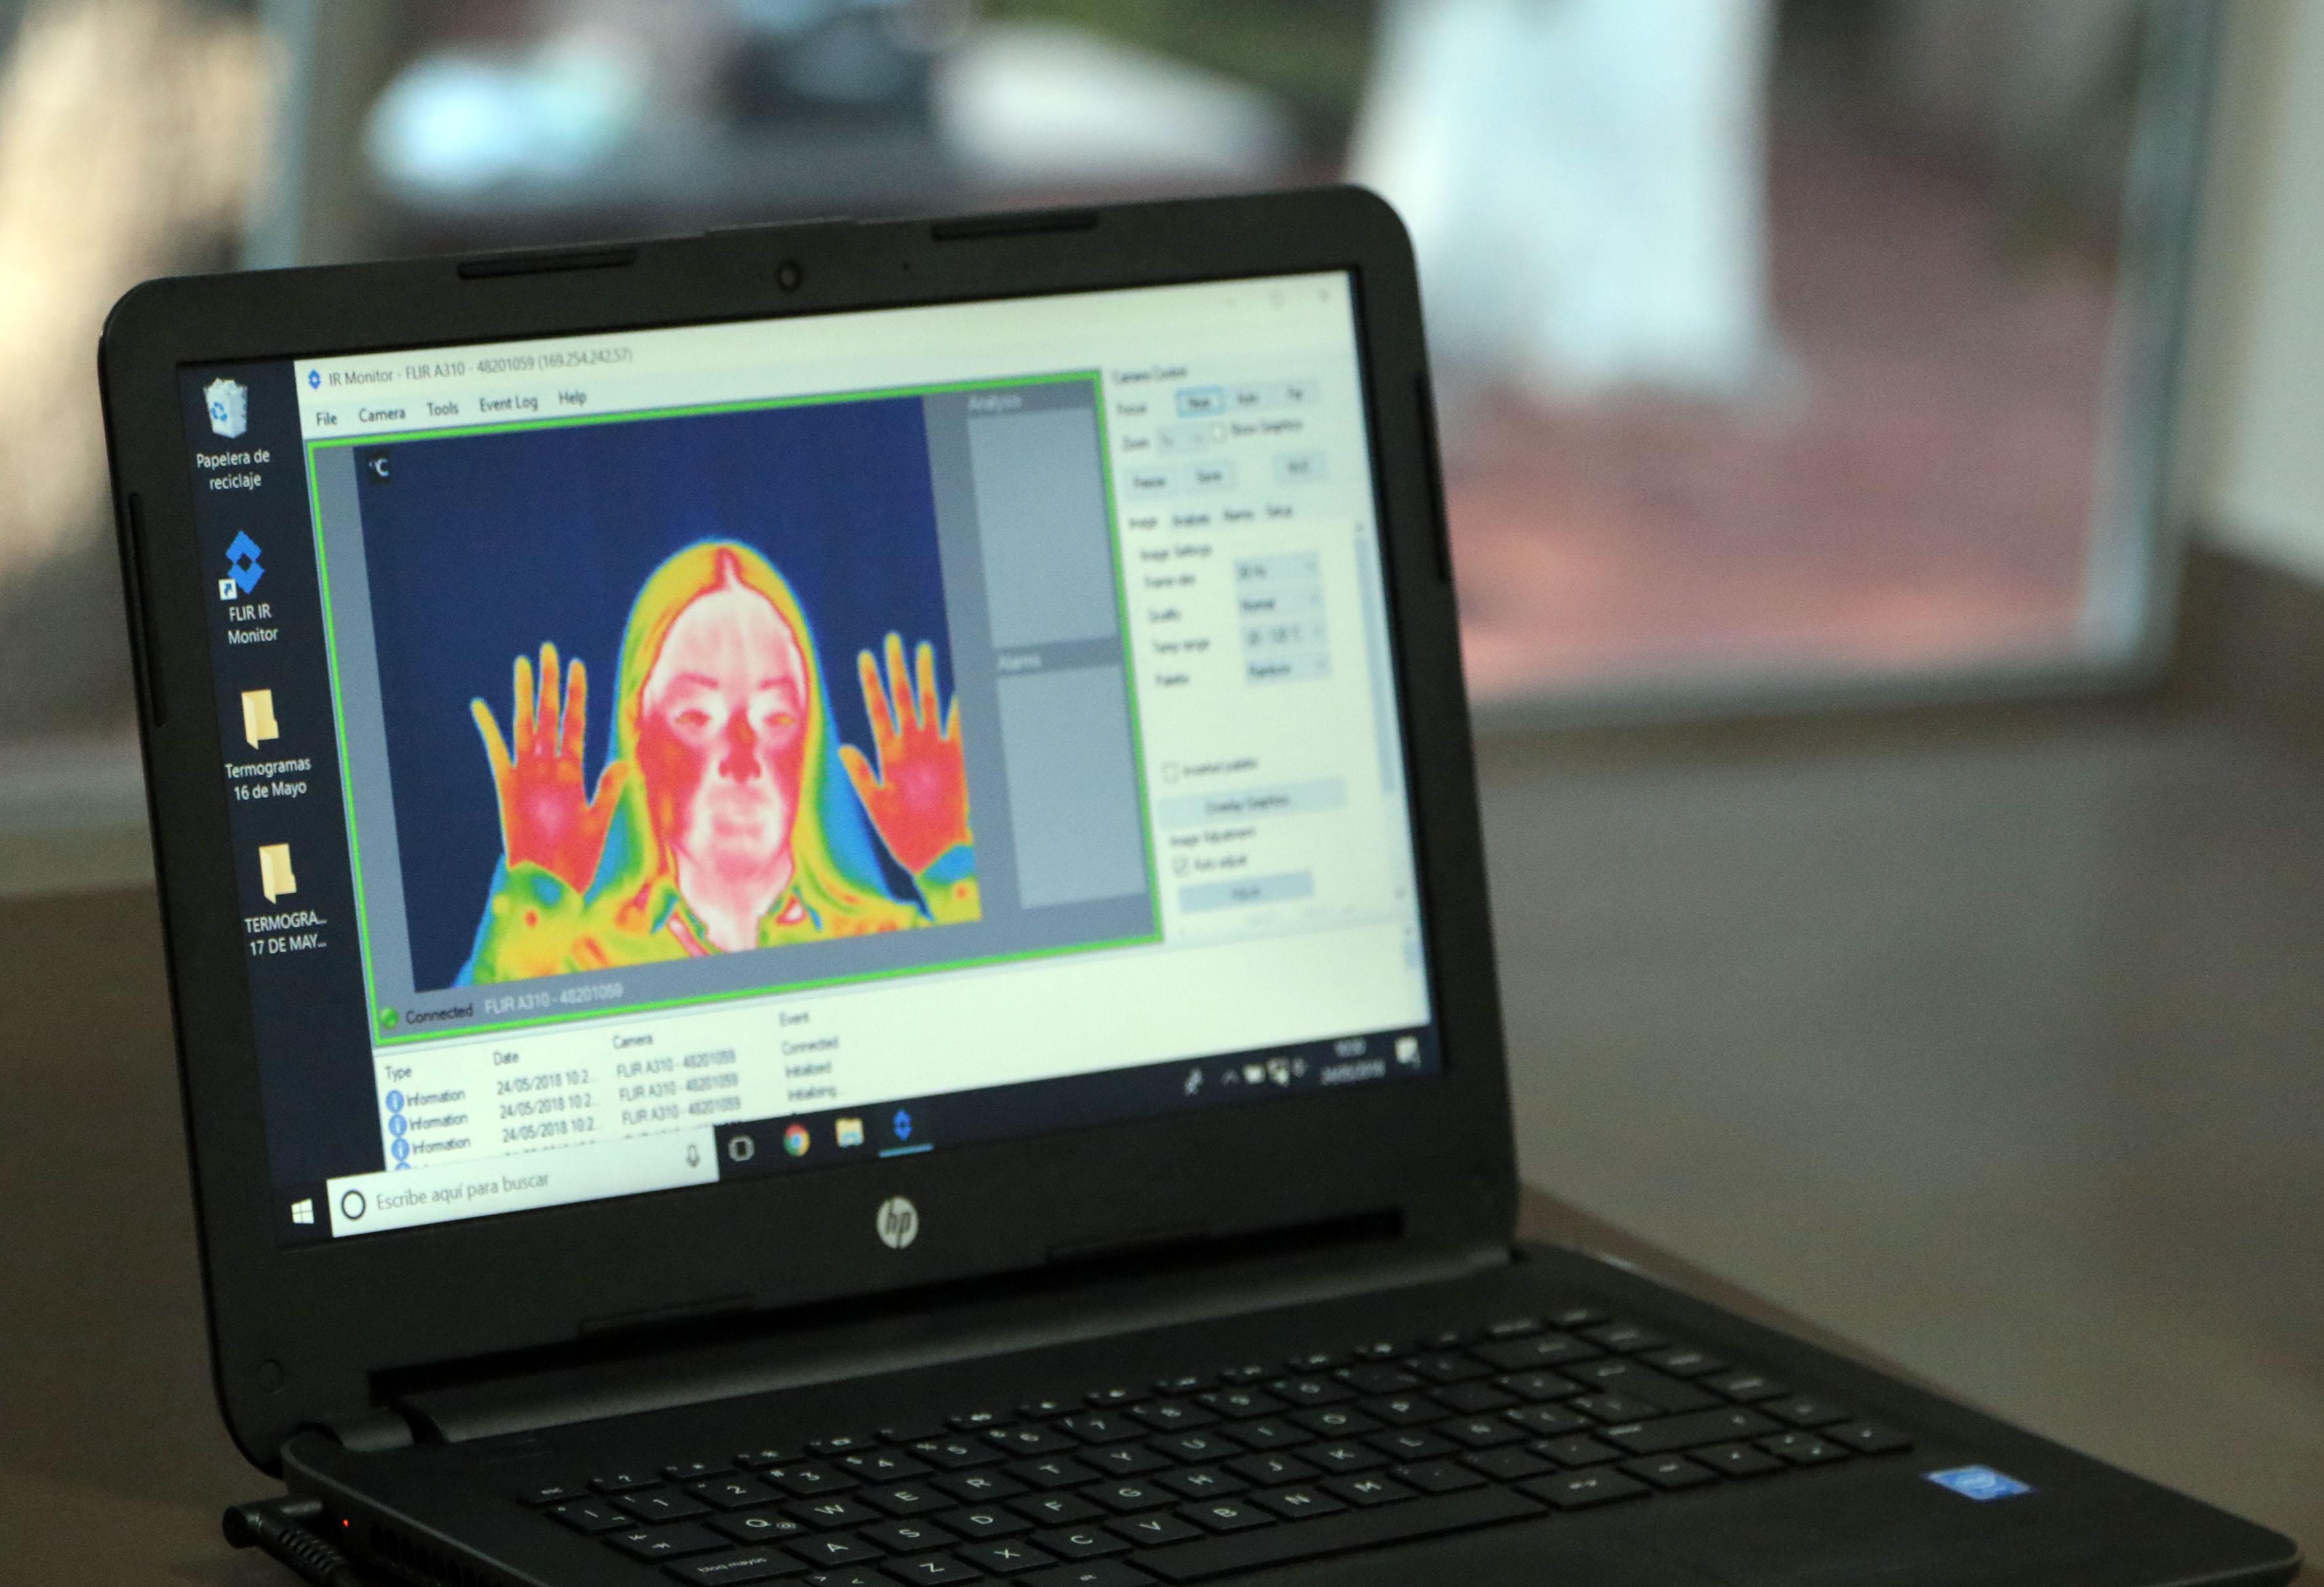 Imagen en lap top que arroja el dispositivo para detección de emociones